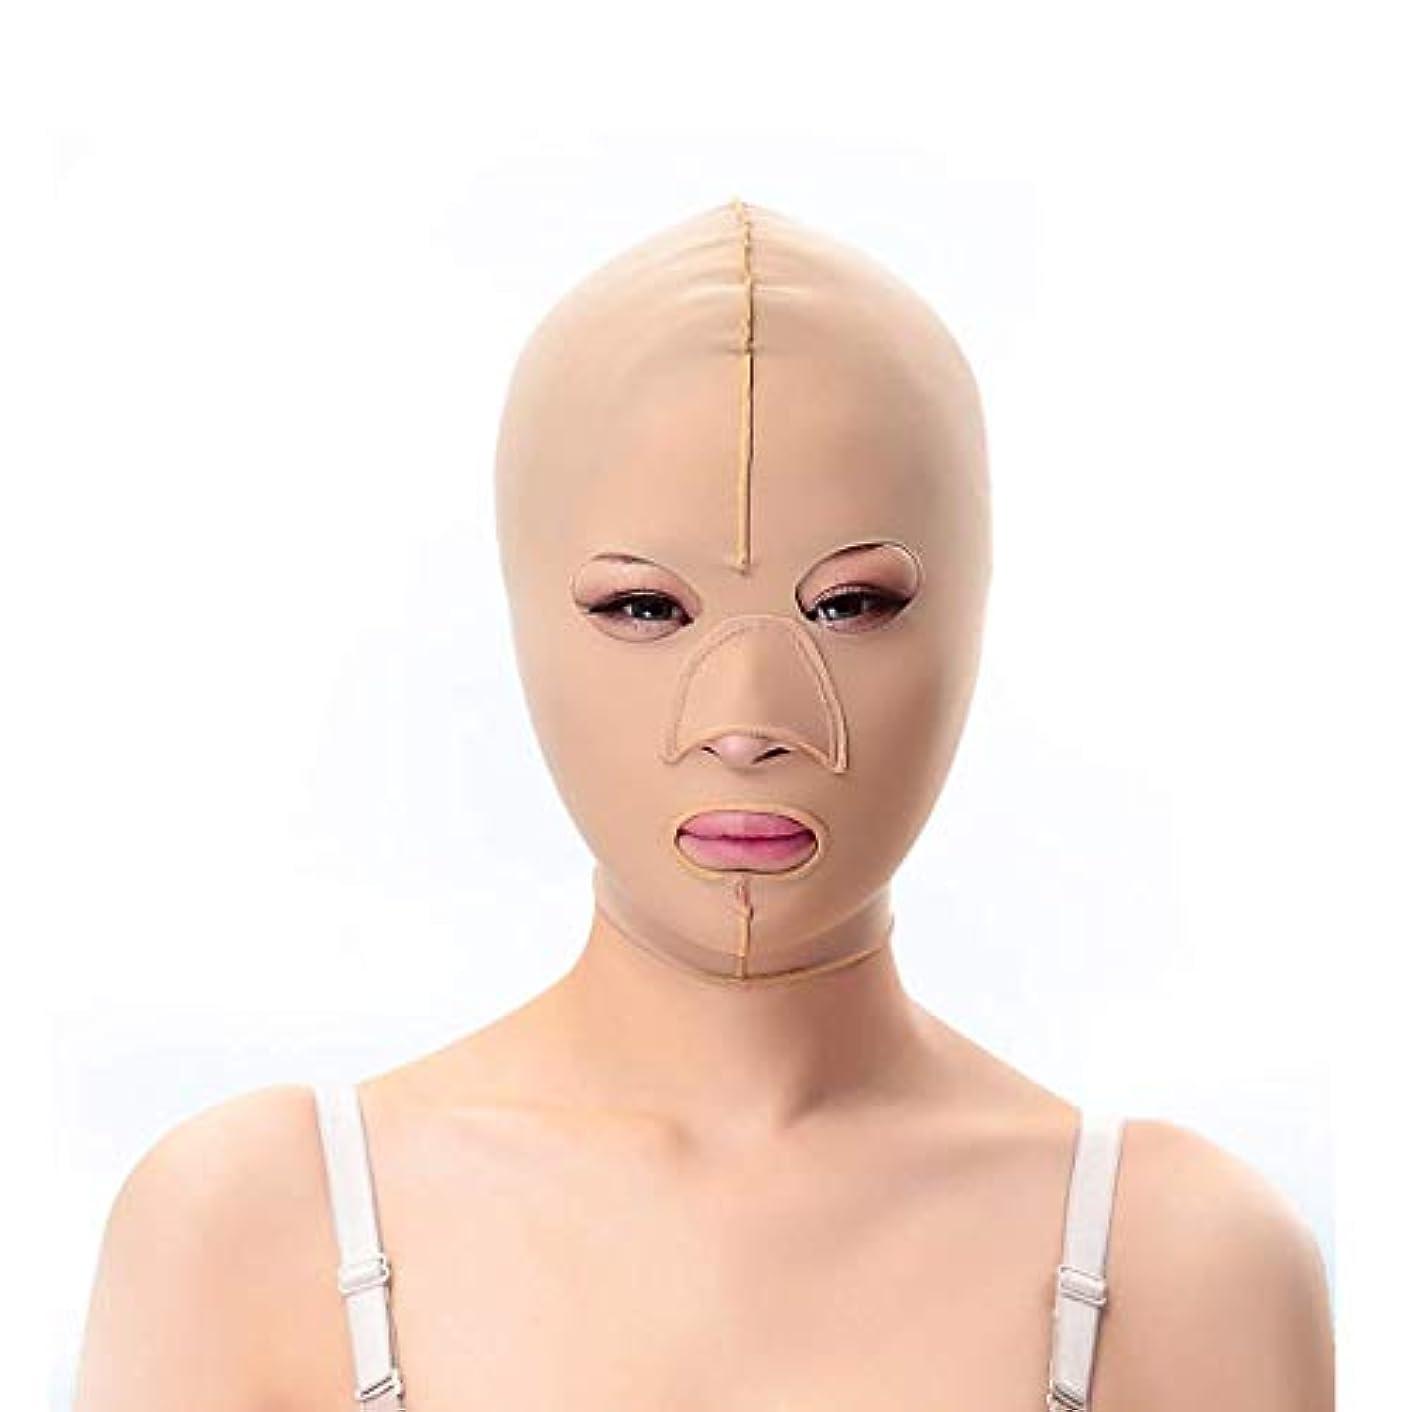 潤滑する小切手居心地の良いスリミングベルト、二重あごの引き締め顔のプラスチックフェイスアーティファクト強力なフェイス包帯を脇に持ち上げるパターンを欺くためのフェイシャルマスクシンフェイスマスク(サイズ:L),XXL